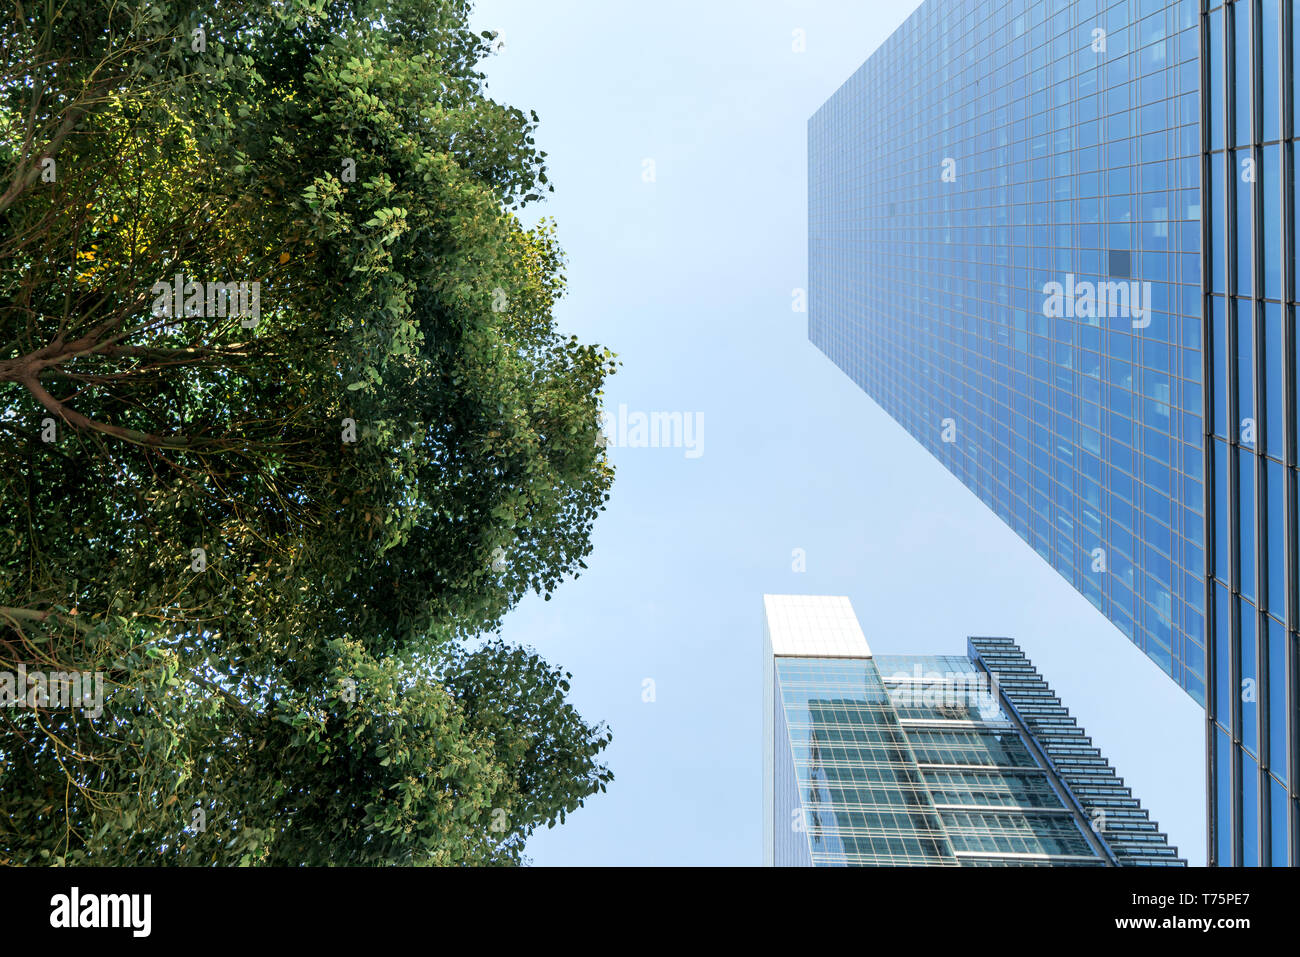 El paisaje en el centro de la ciudad, fondo comercial moderna. Un día soleado. Foto de stock